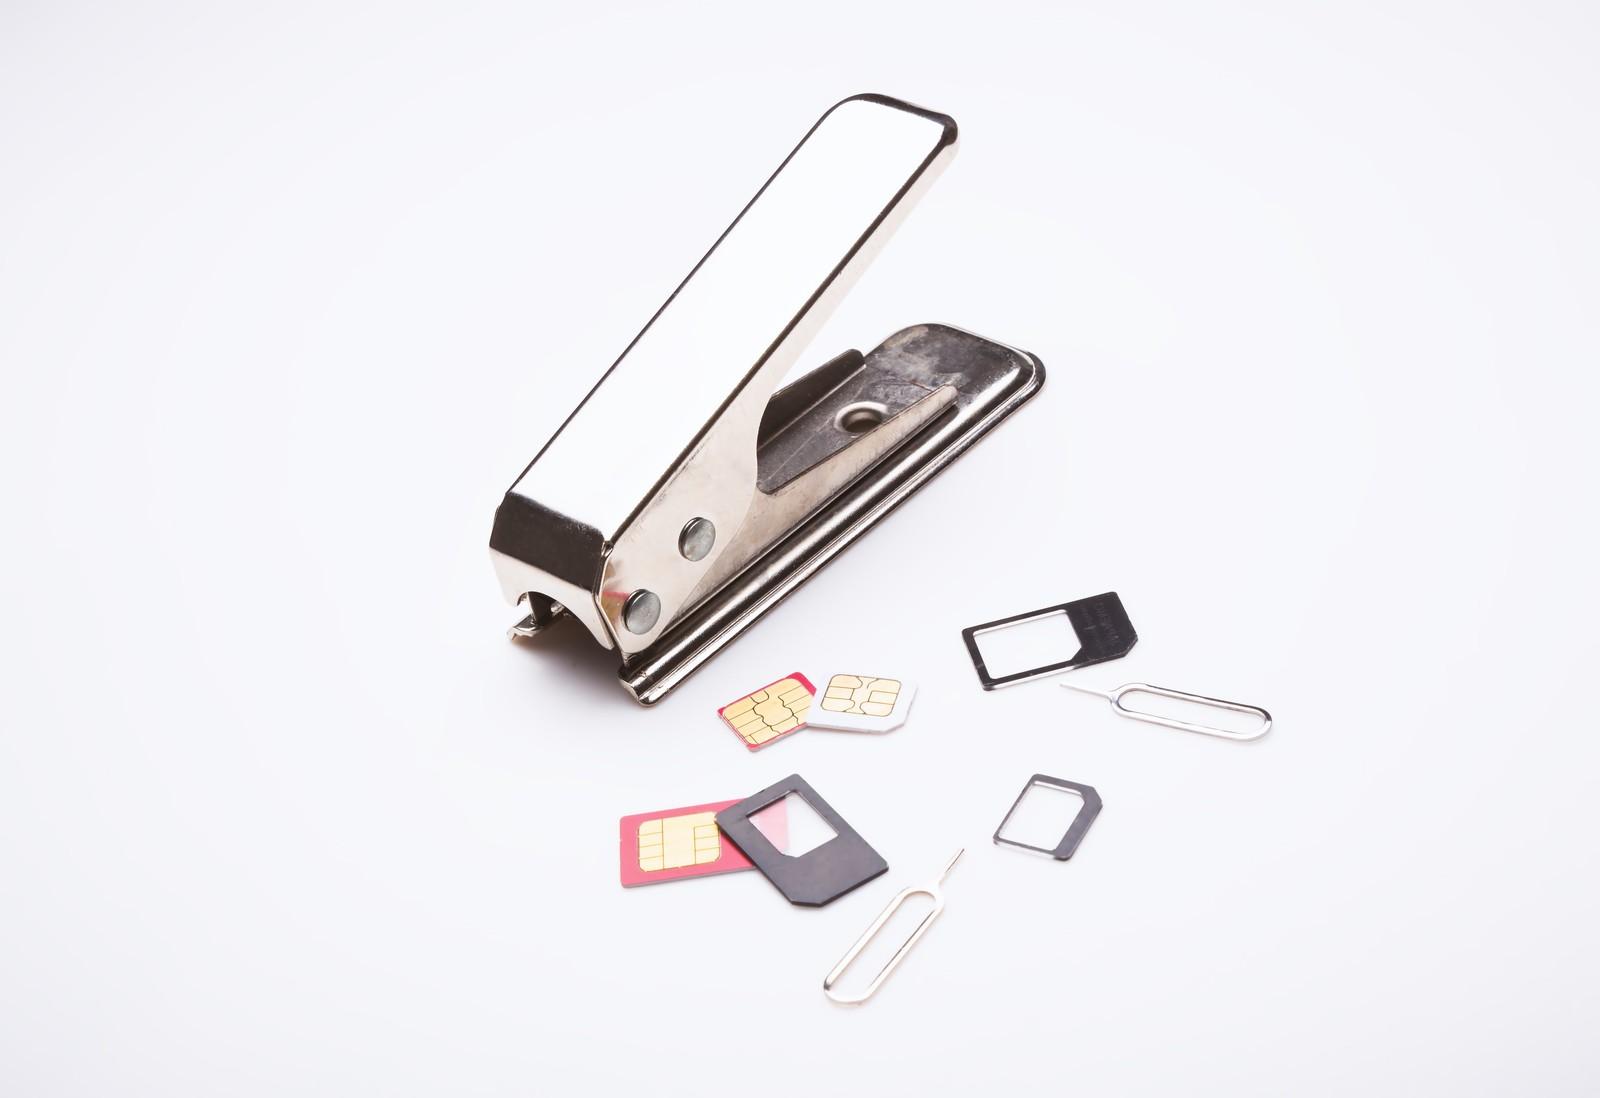 SIMカードとSIMカードを切る器具